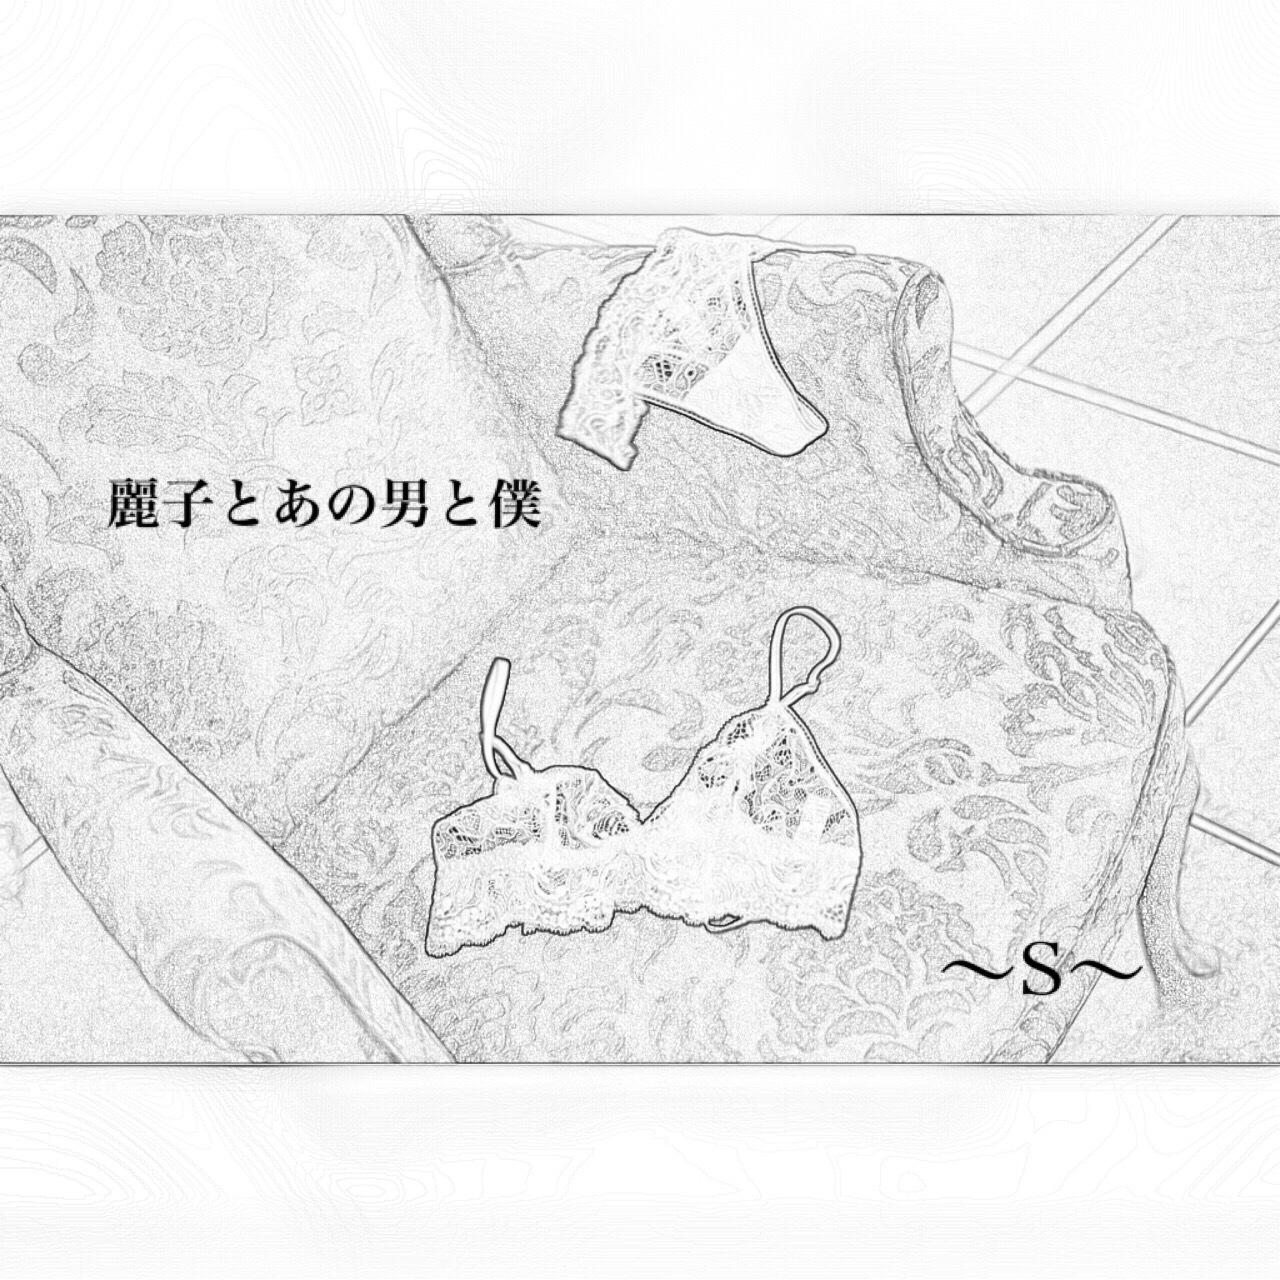 【麗子とあの男と僕】 S